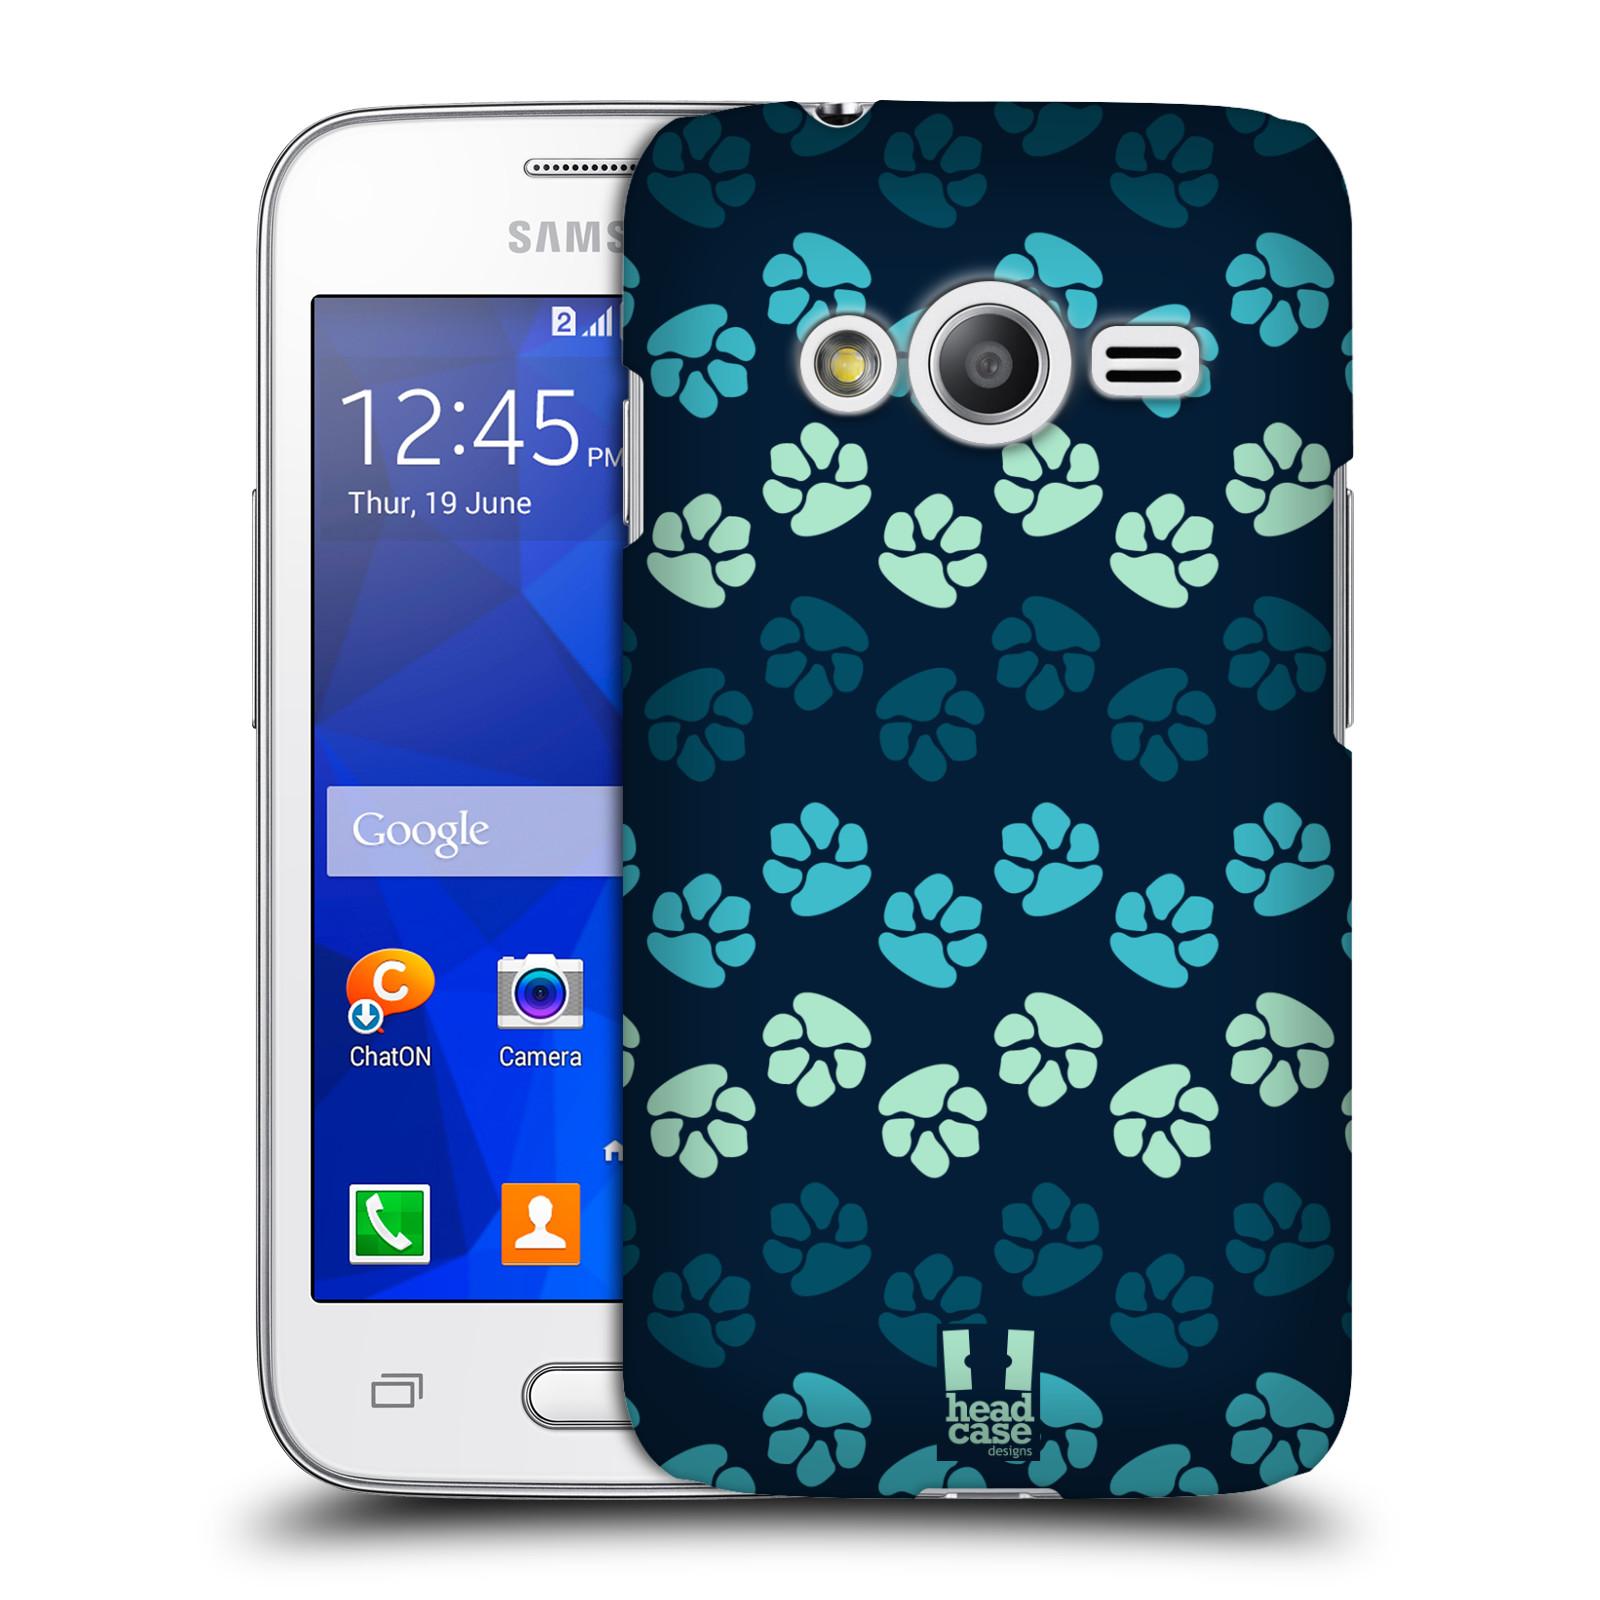 Plastové pouzdro na mobil Samsung Galaxy Trend 2 Lite HEAD CASE TLAPKY MODRÉ (Kryt či obal na mobilní telefon Samsung Galaxy Trend 2 Lite SM-G318)